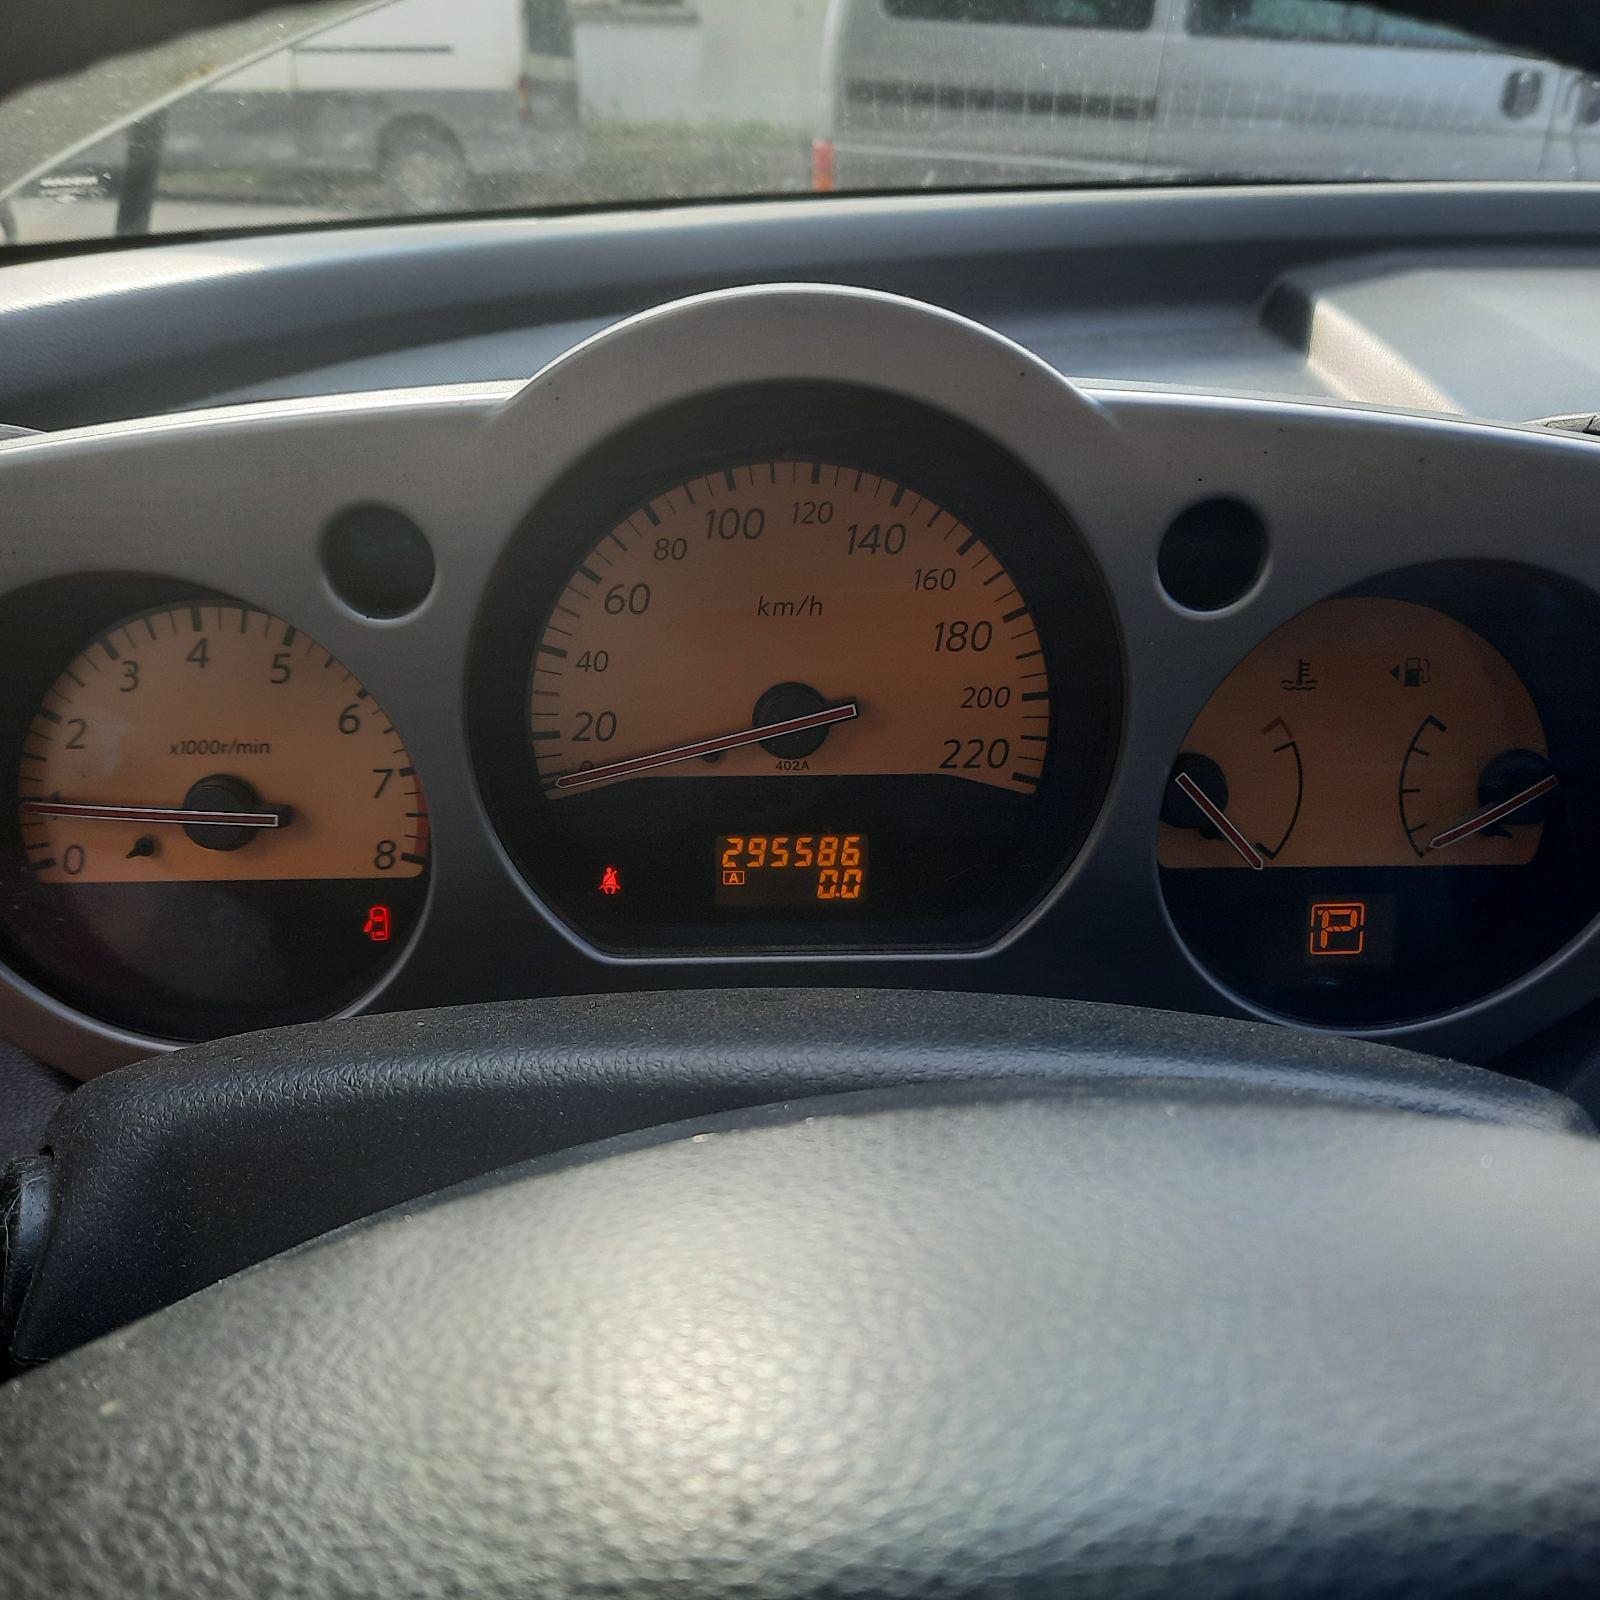 Подержанные Автозапчасти Nissan MURANO 2005 3.5 автоматическая напрямик 4/5 d. Сэнди 2021-7-28